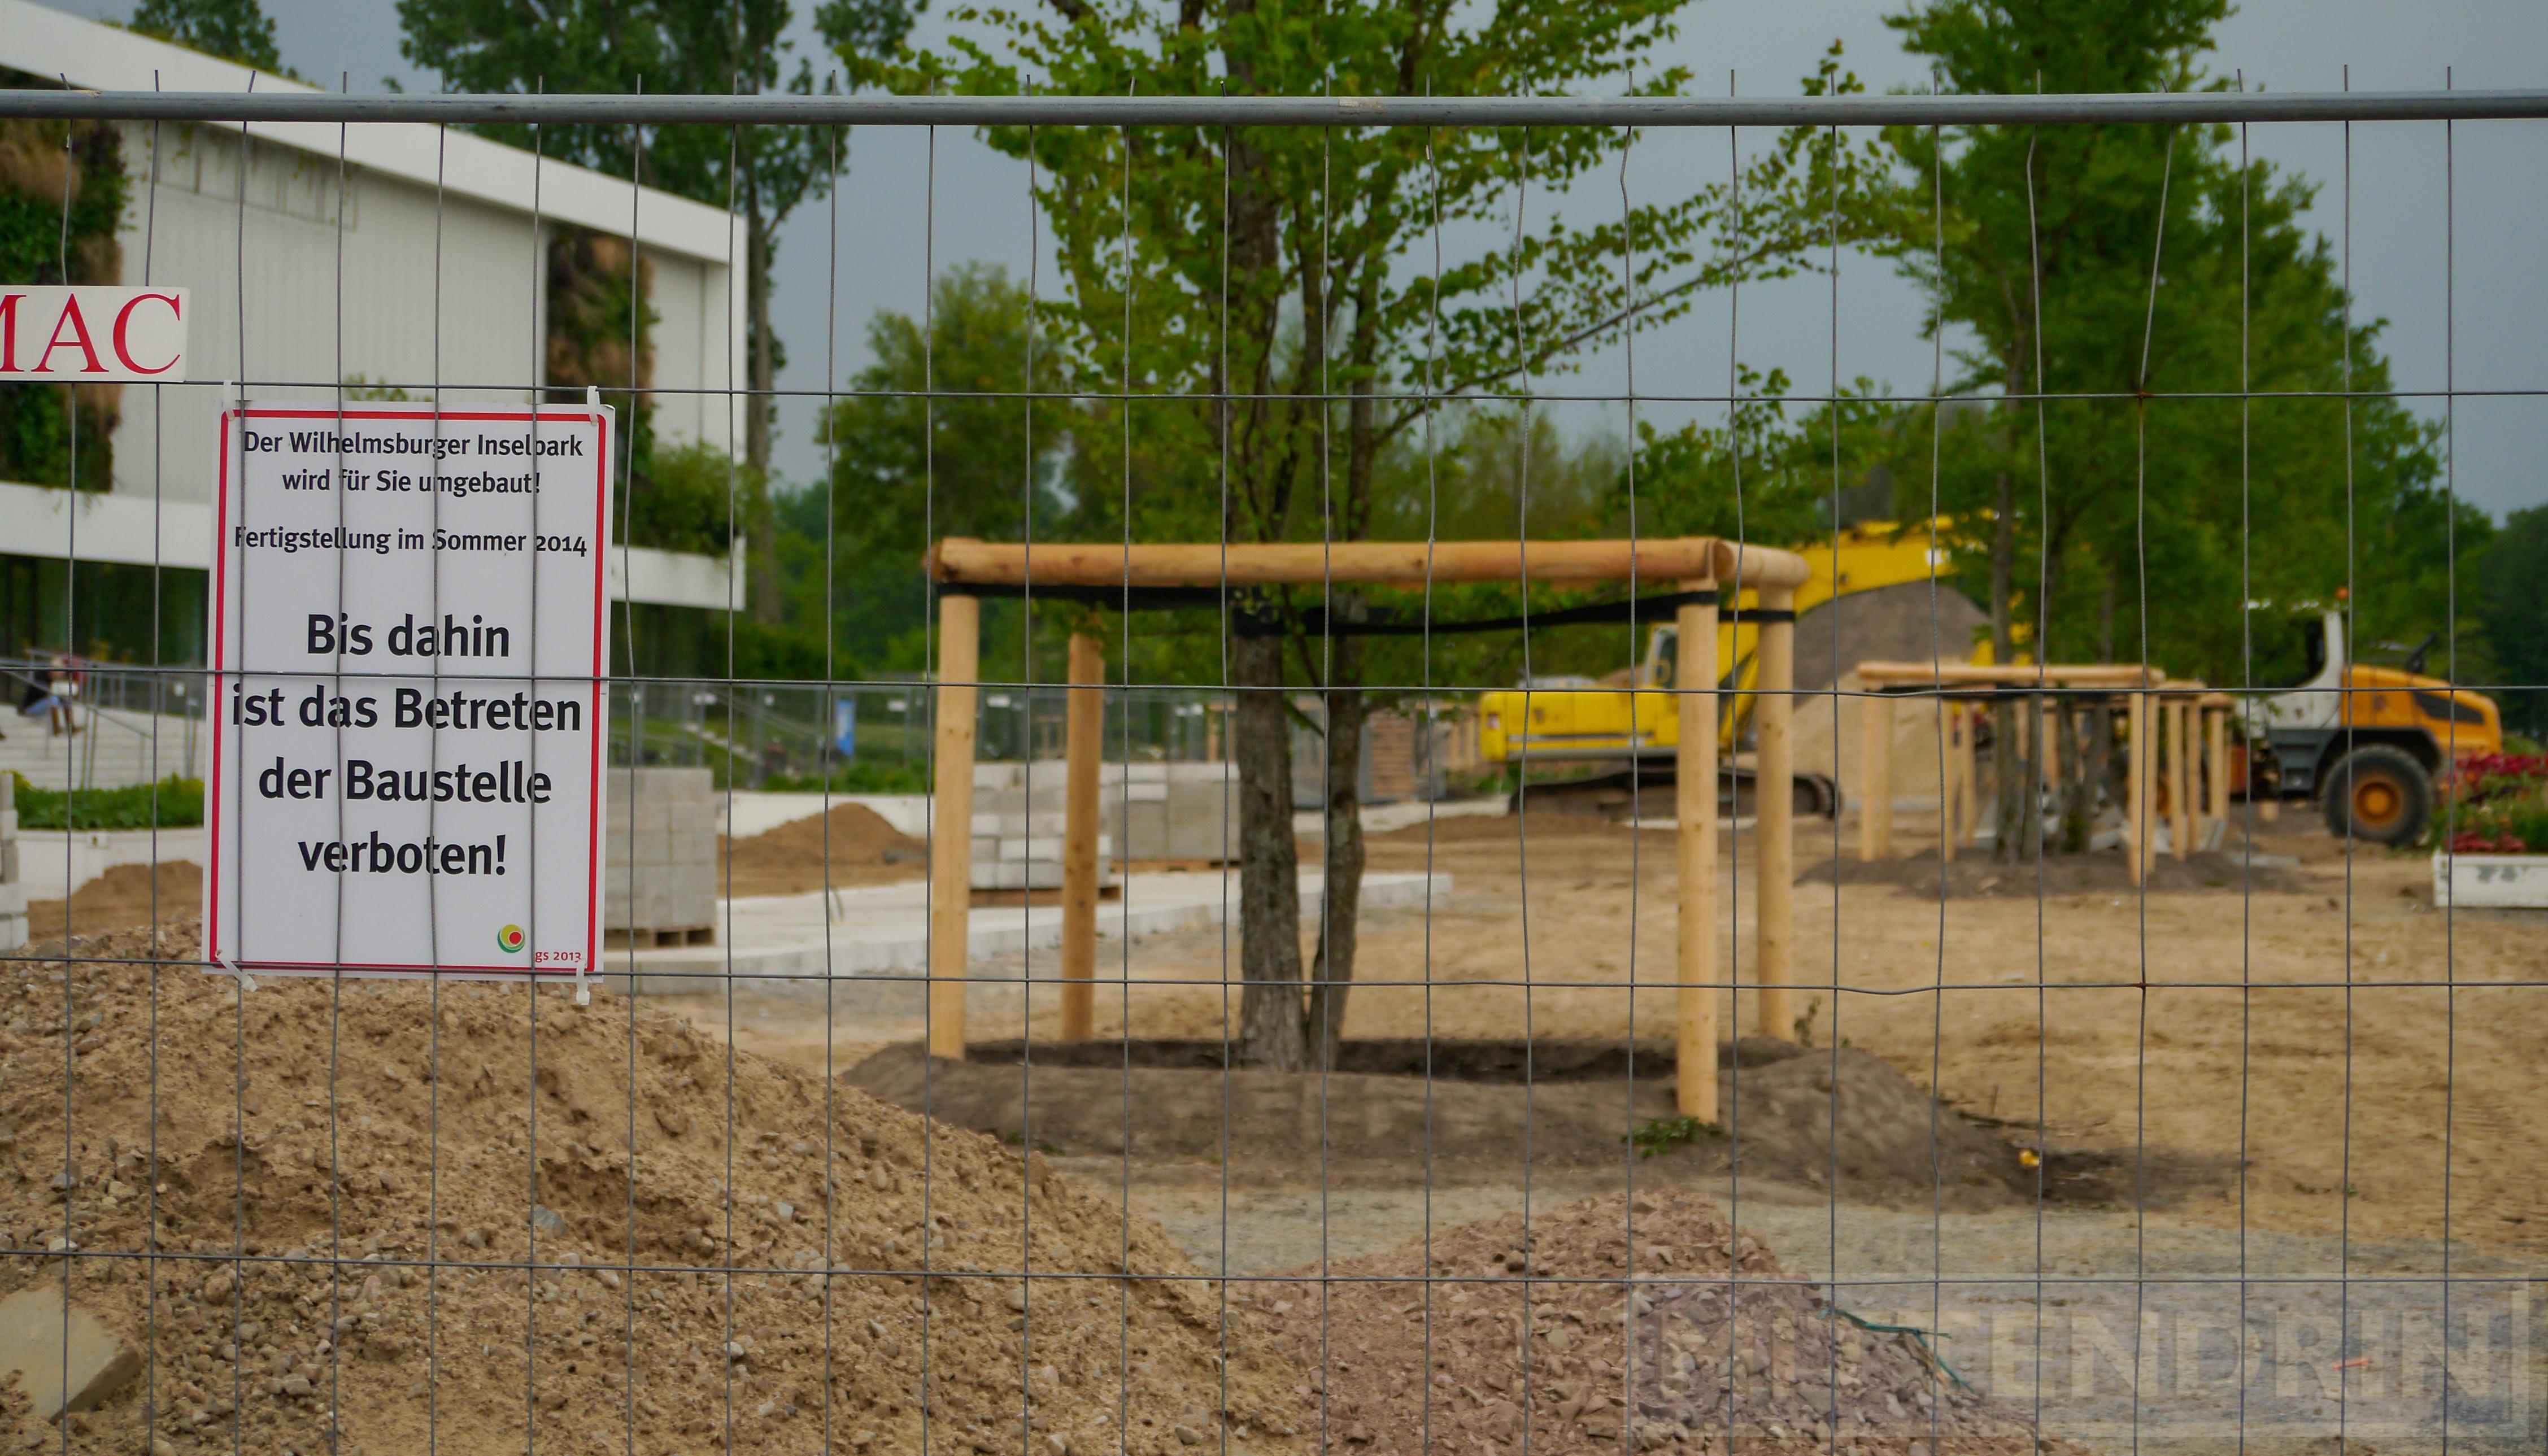 Foto: Teile des Wilhelmsburger Inselparks sind zurzeit nicht zugänglich, weil dort noch Umbauarbeiten laufen.